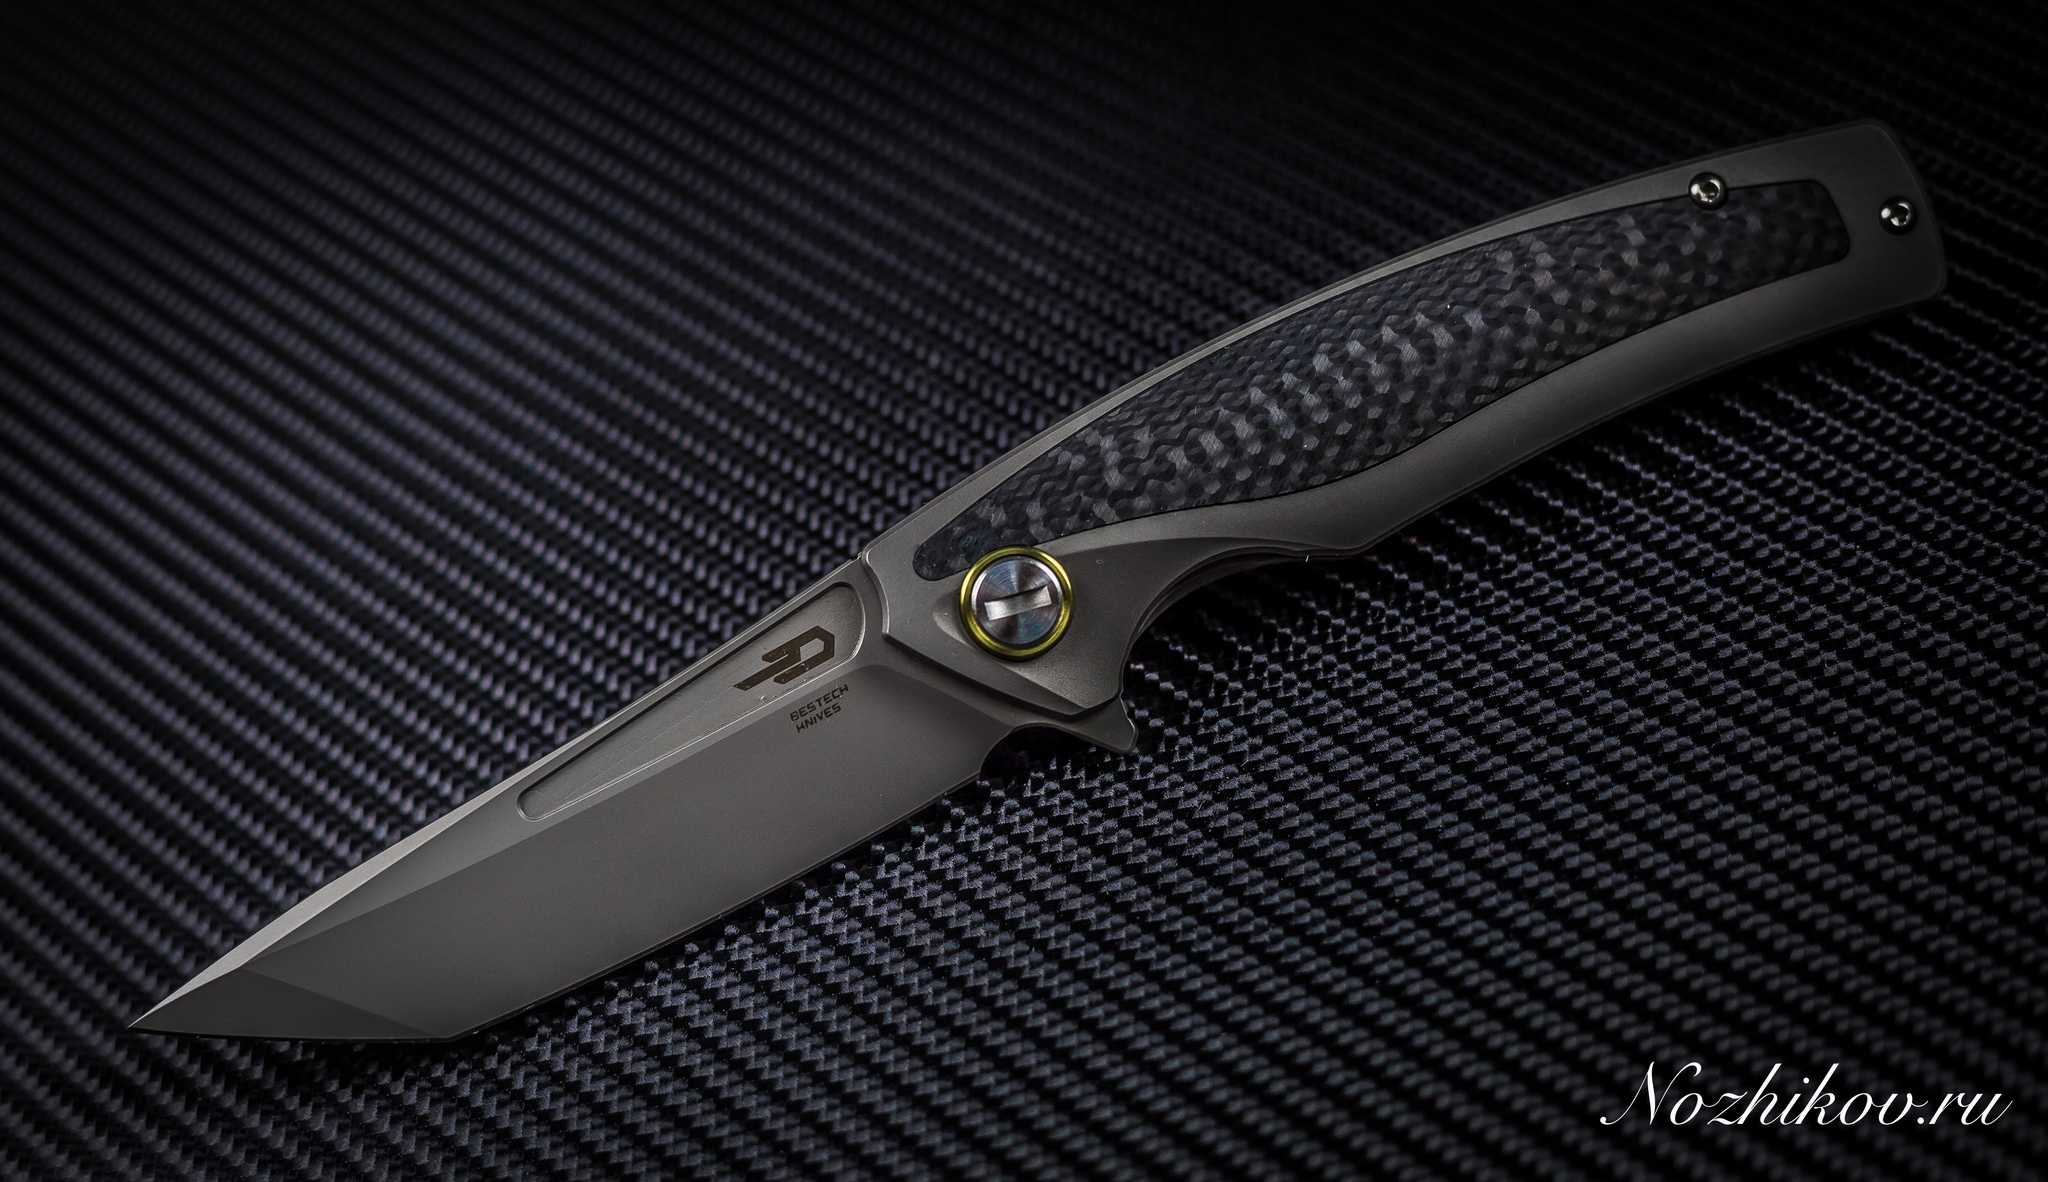 Фото 5 - Складной нож Bestech Predator BT1706B, сталь CPM-S35VN, рукоять титан от Bestech Knives